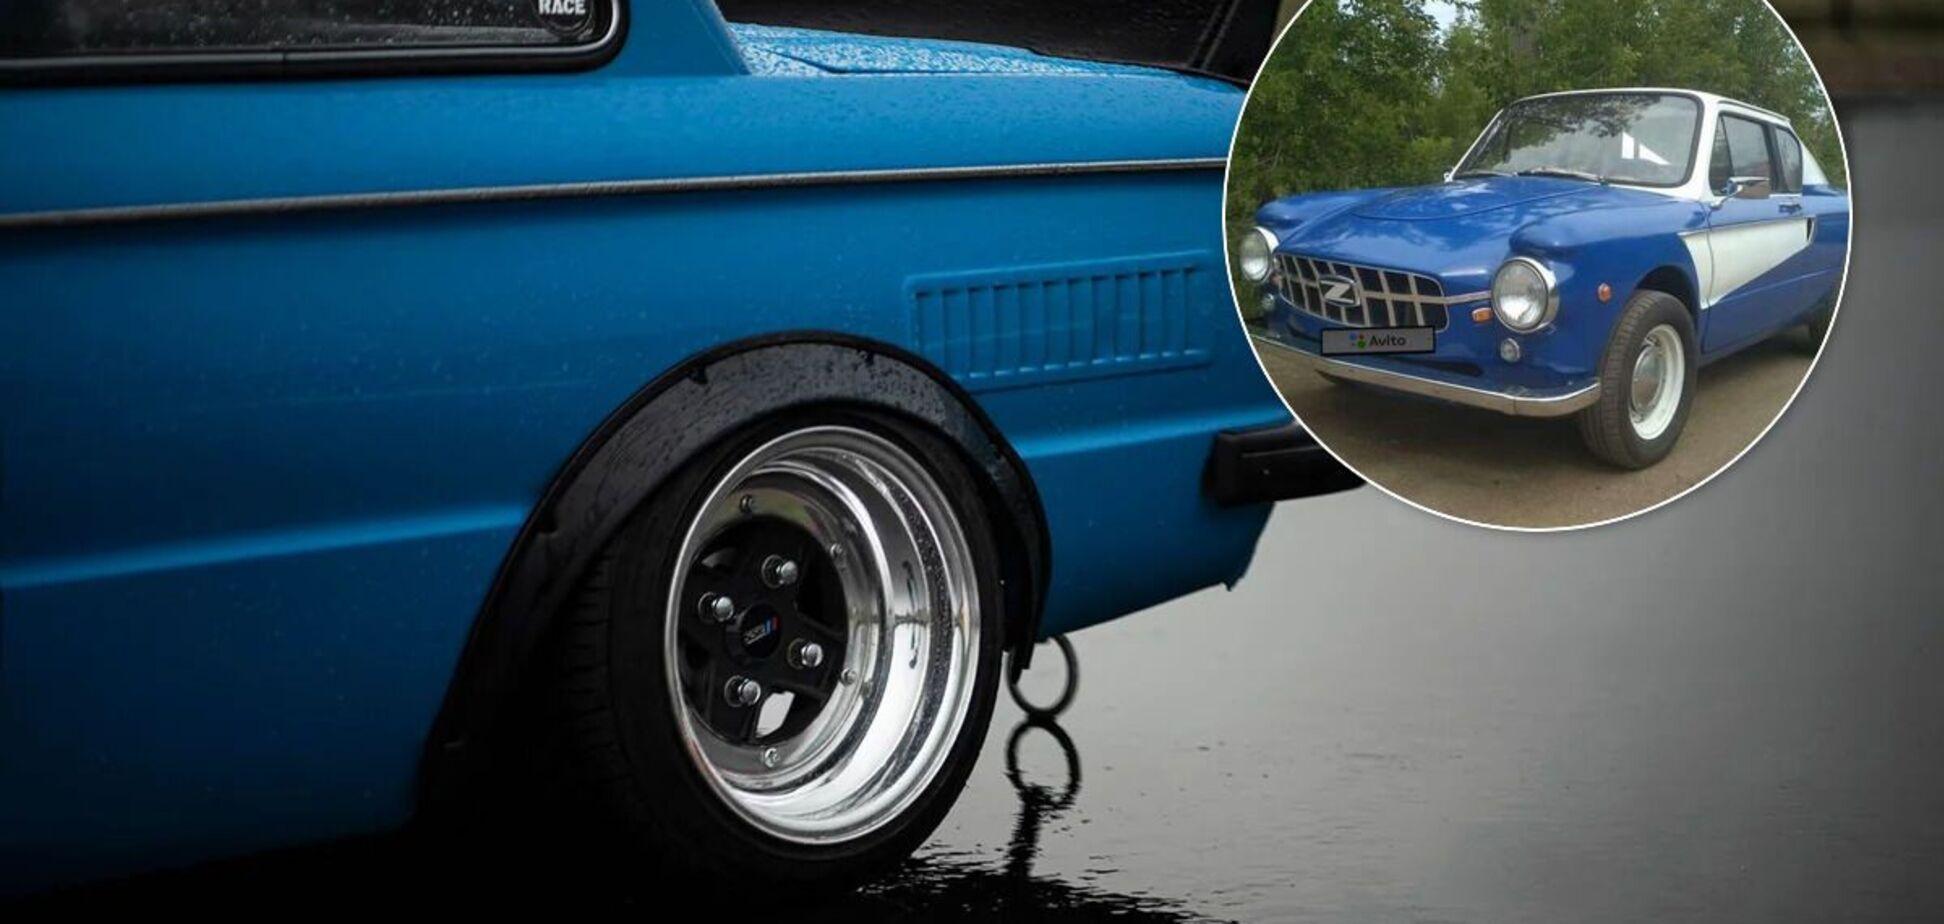 Уникальный спорткар ЗАЗ оценили как новый Renault Logan